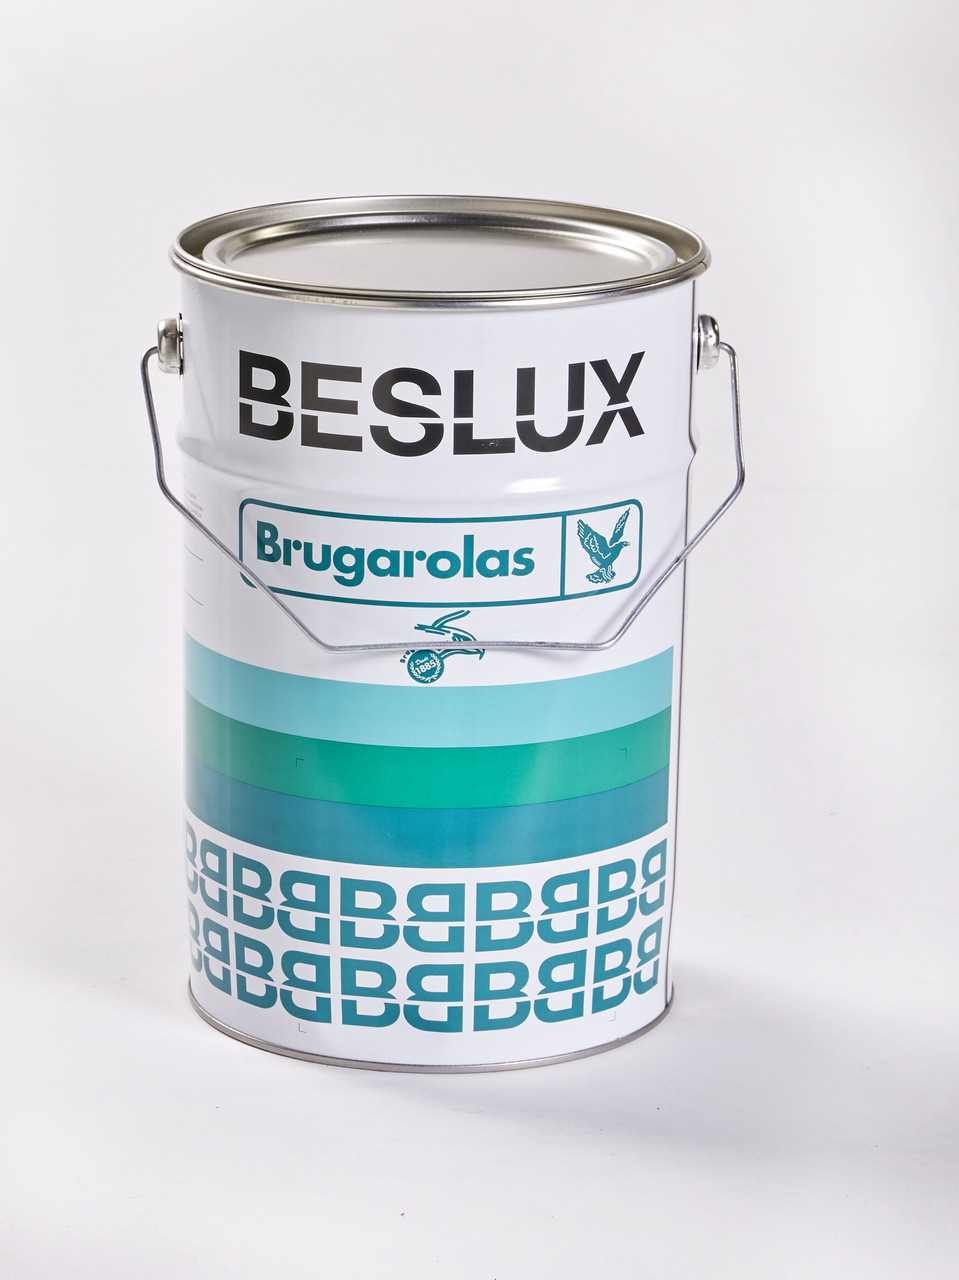 Харчове мастило G. BESLUX SULPLEX FG 2212 (відро 5 кг)